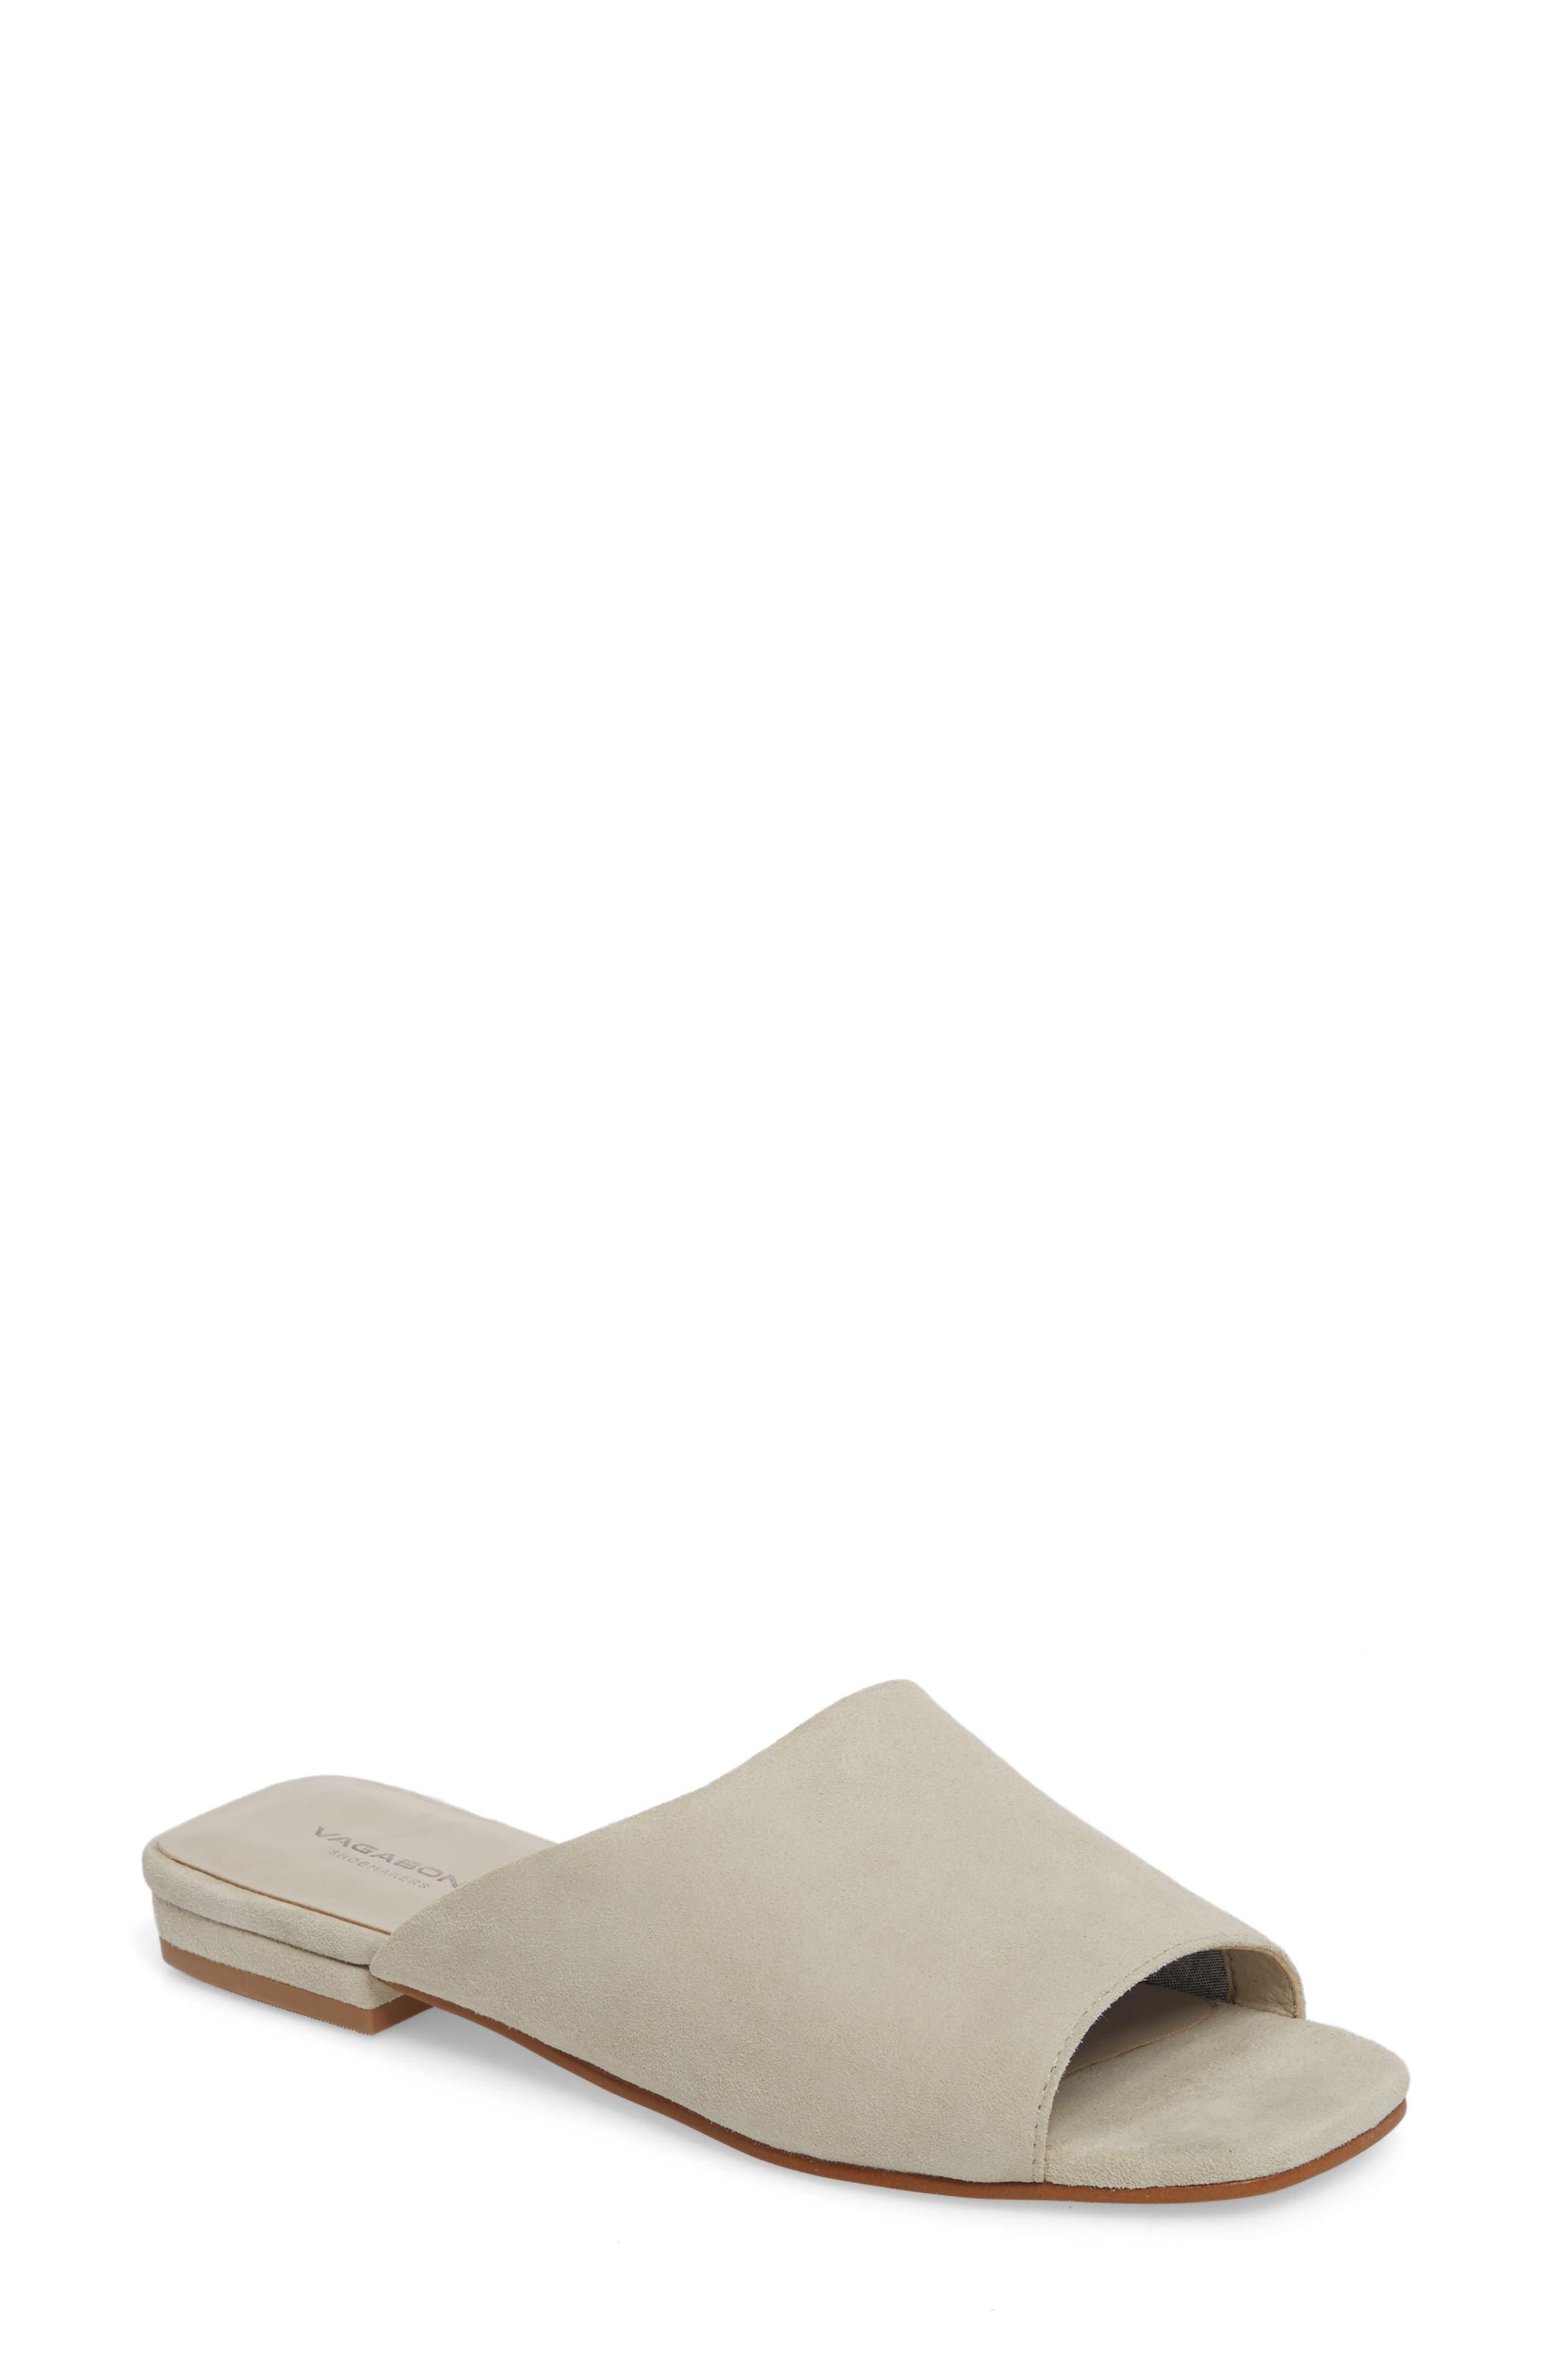 Becky Slide Sandal,                         Main,                         color, Ecru Suede